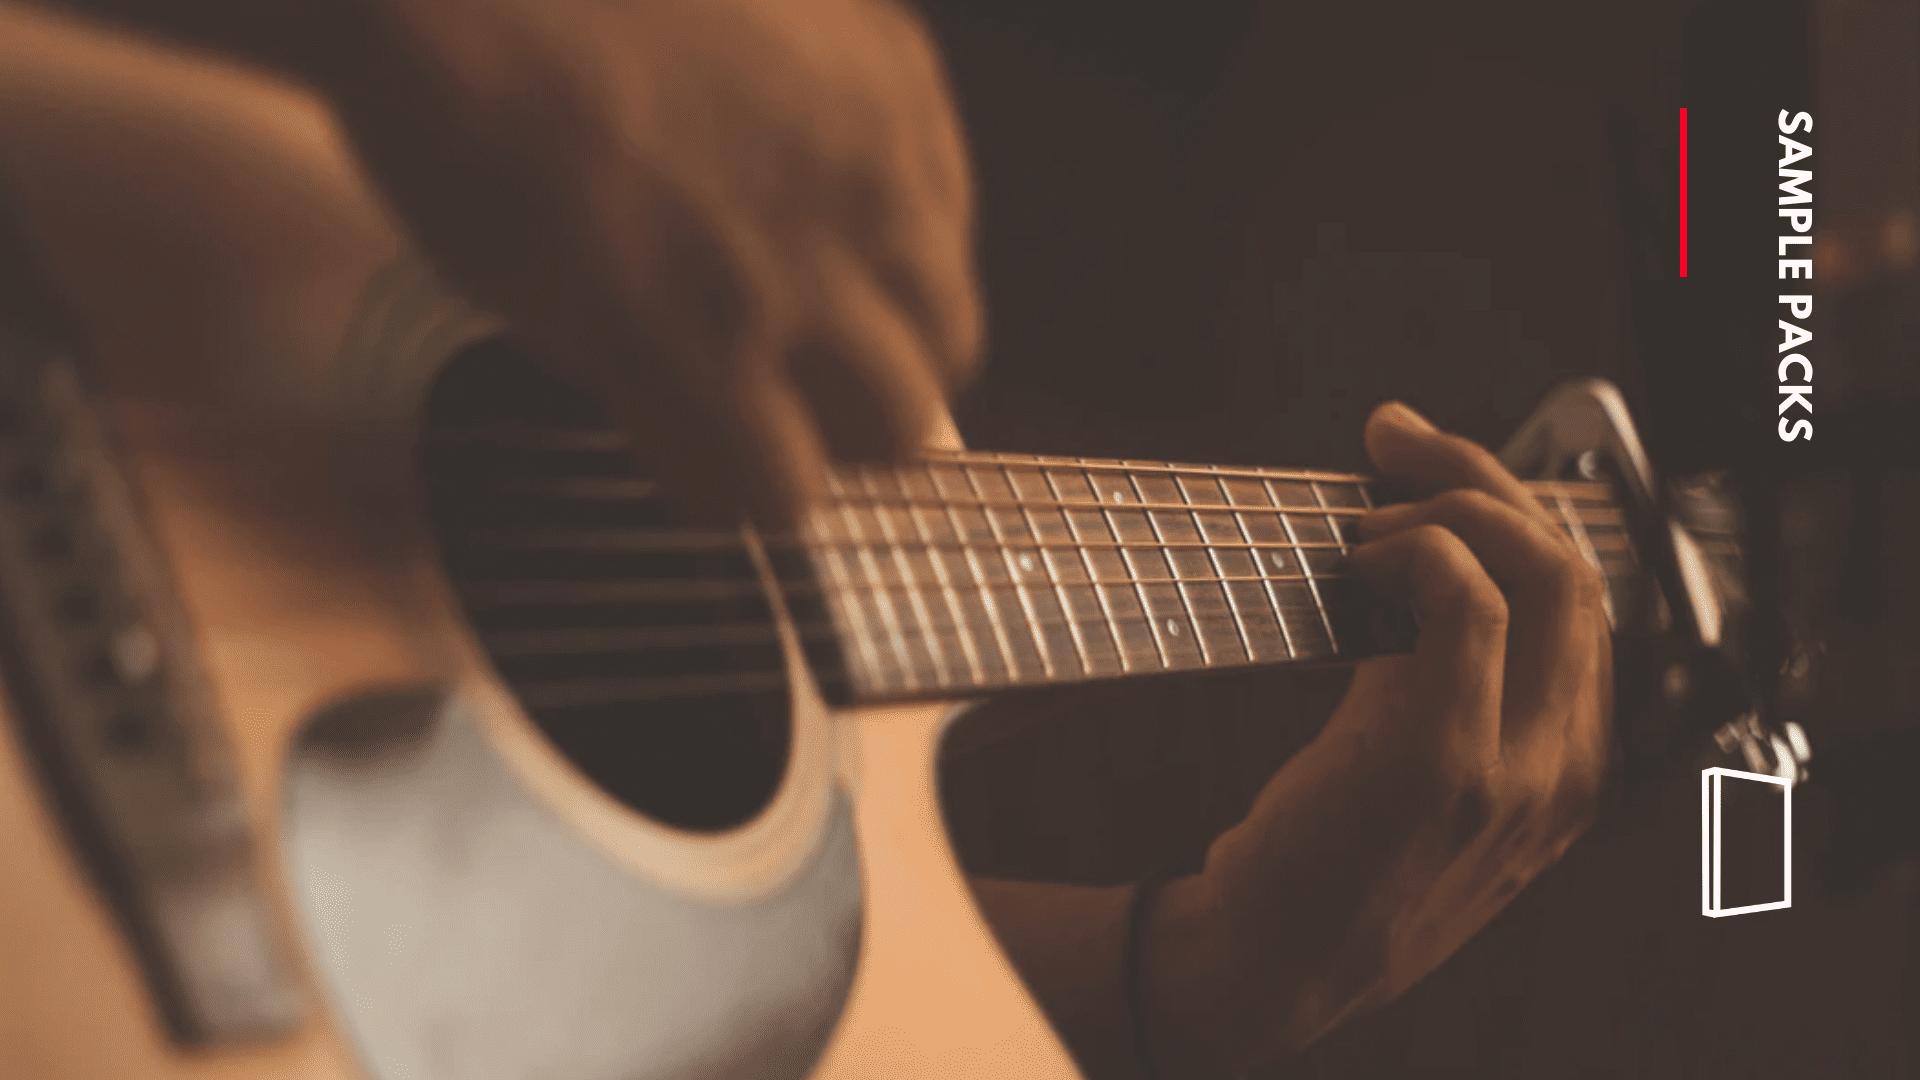 best guitar samples 2021